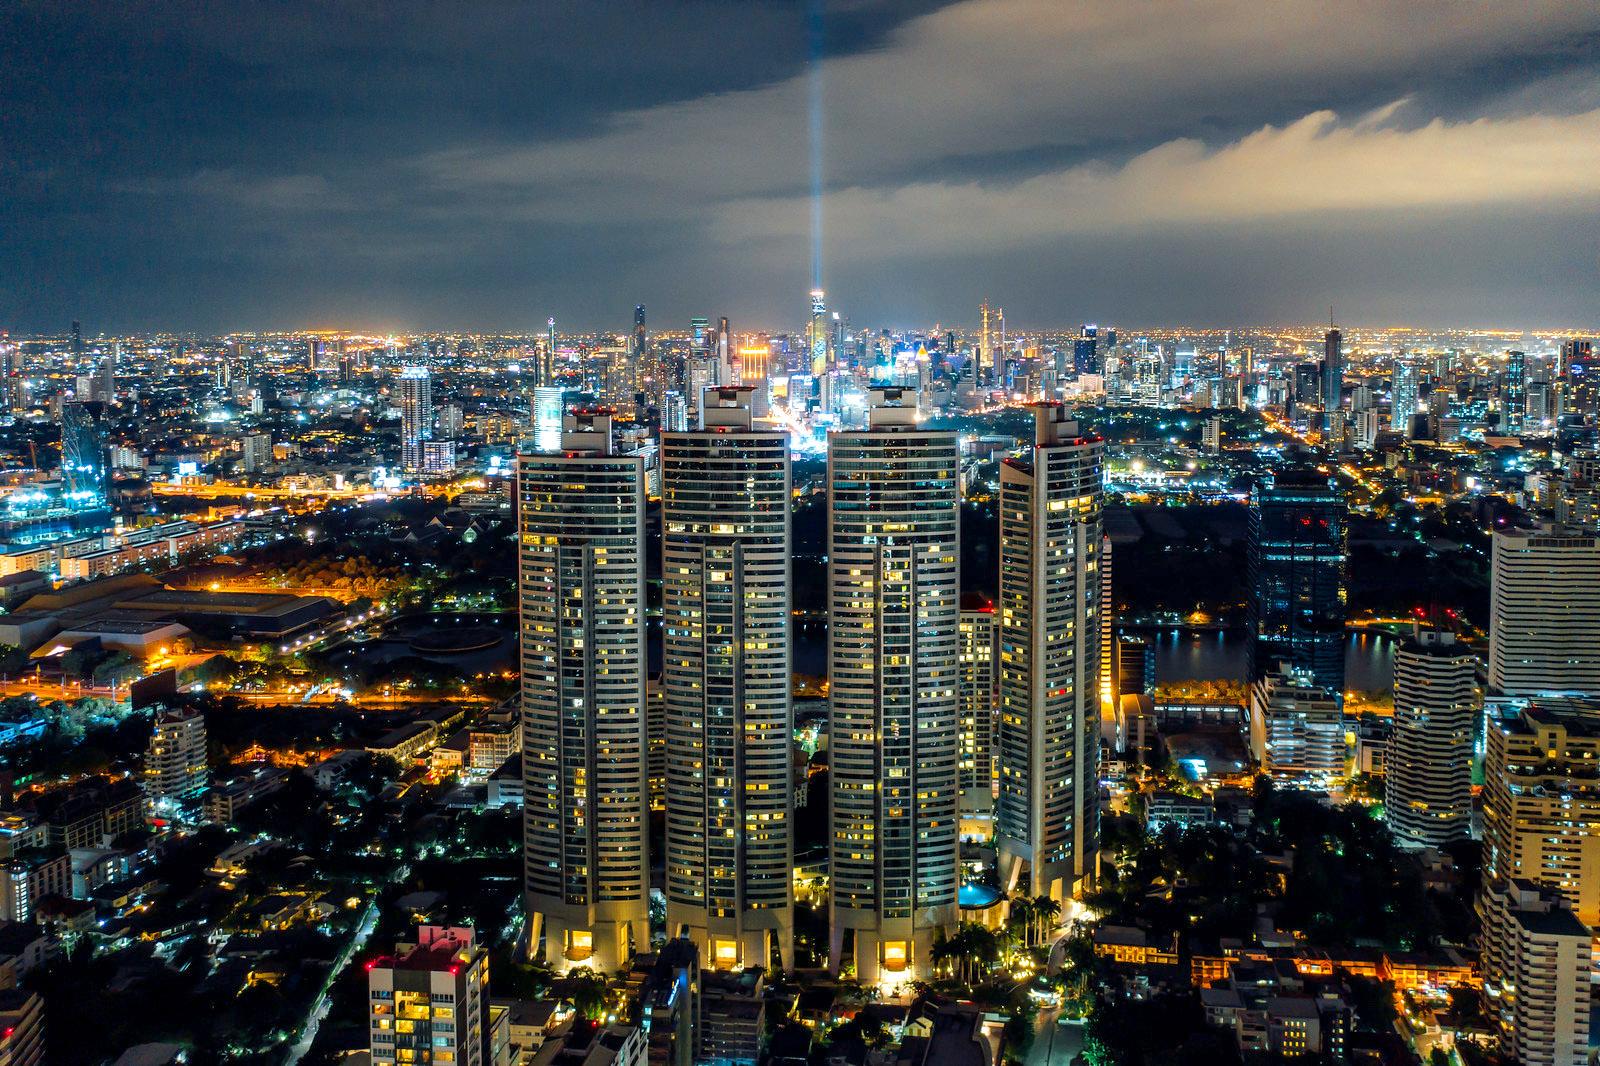 Bangkok city light up at night by Mongkol Chuewong.jpg